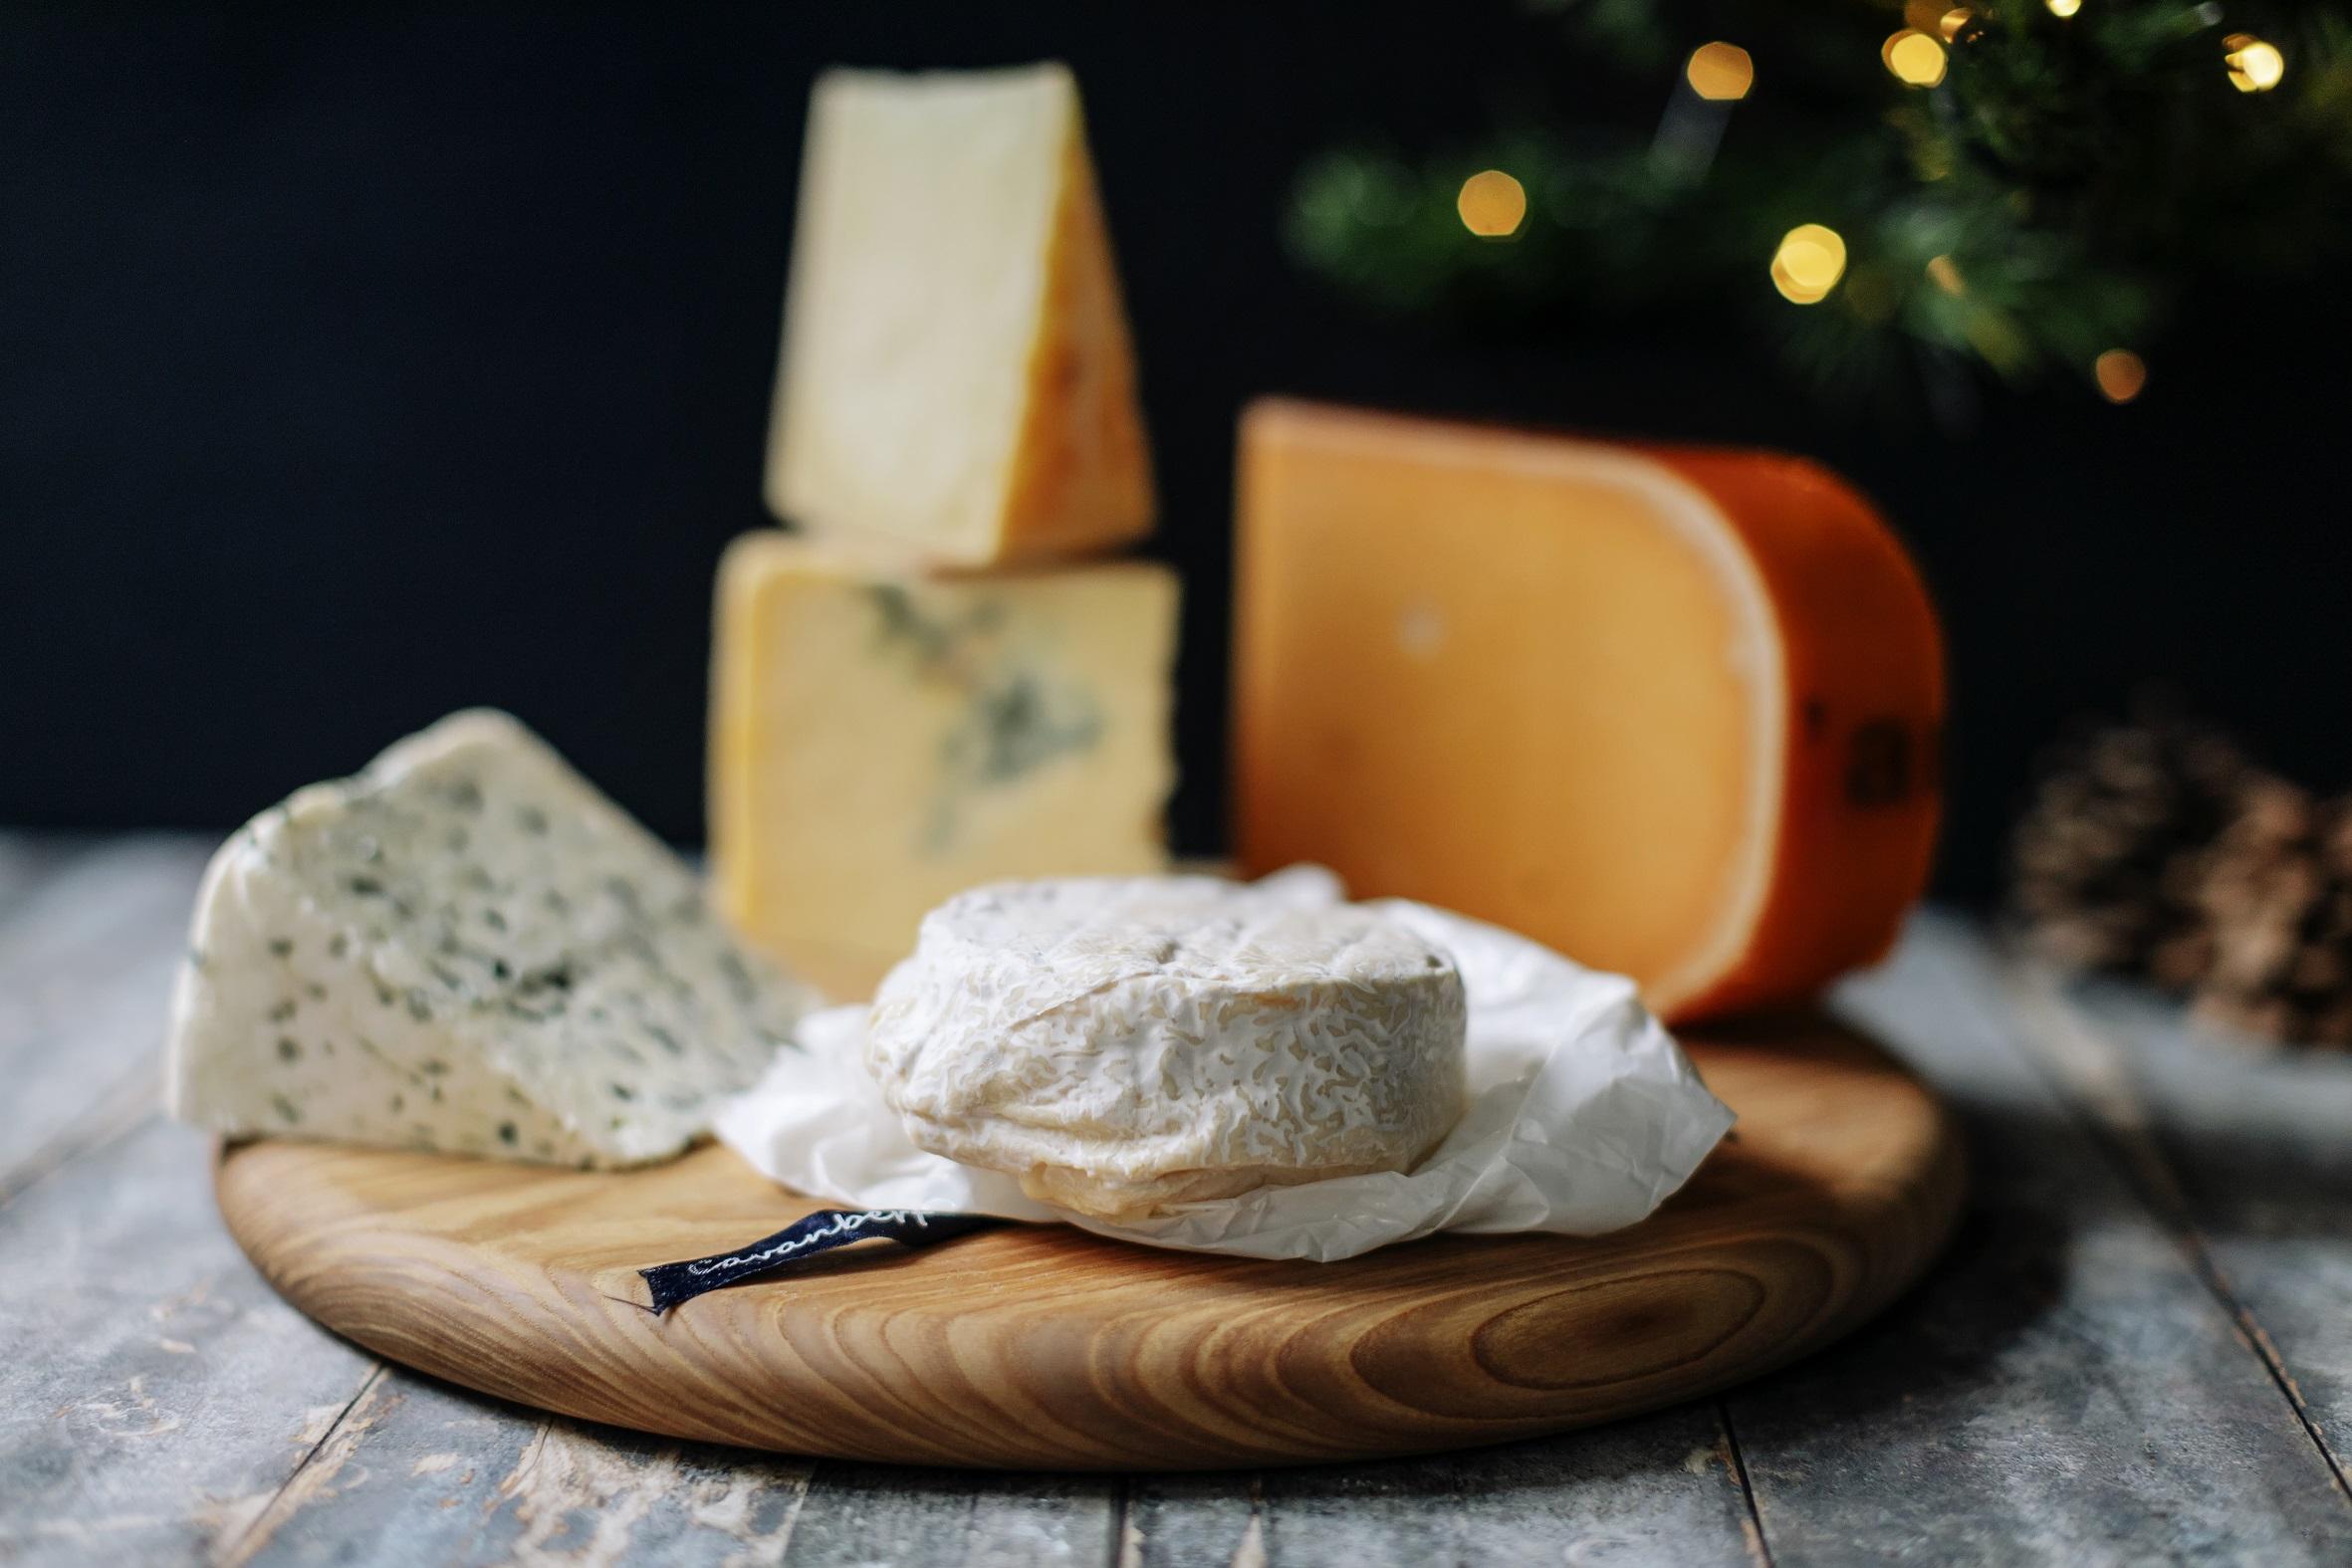 Borough Market Cavanbert - Heritage Irish Cheese